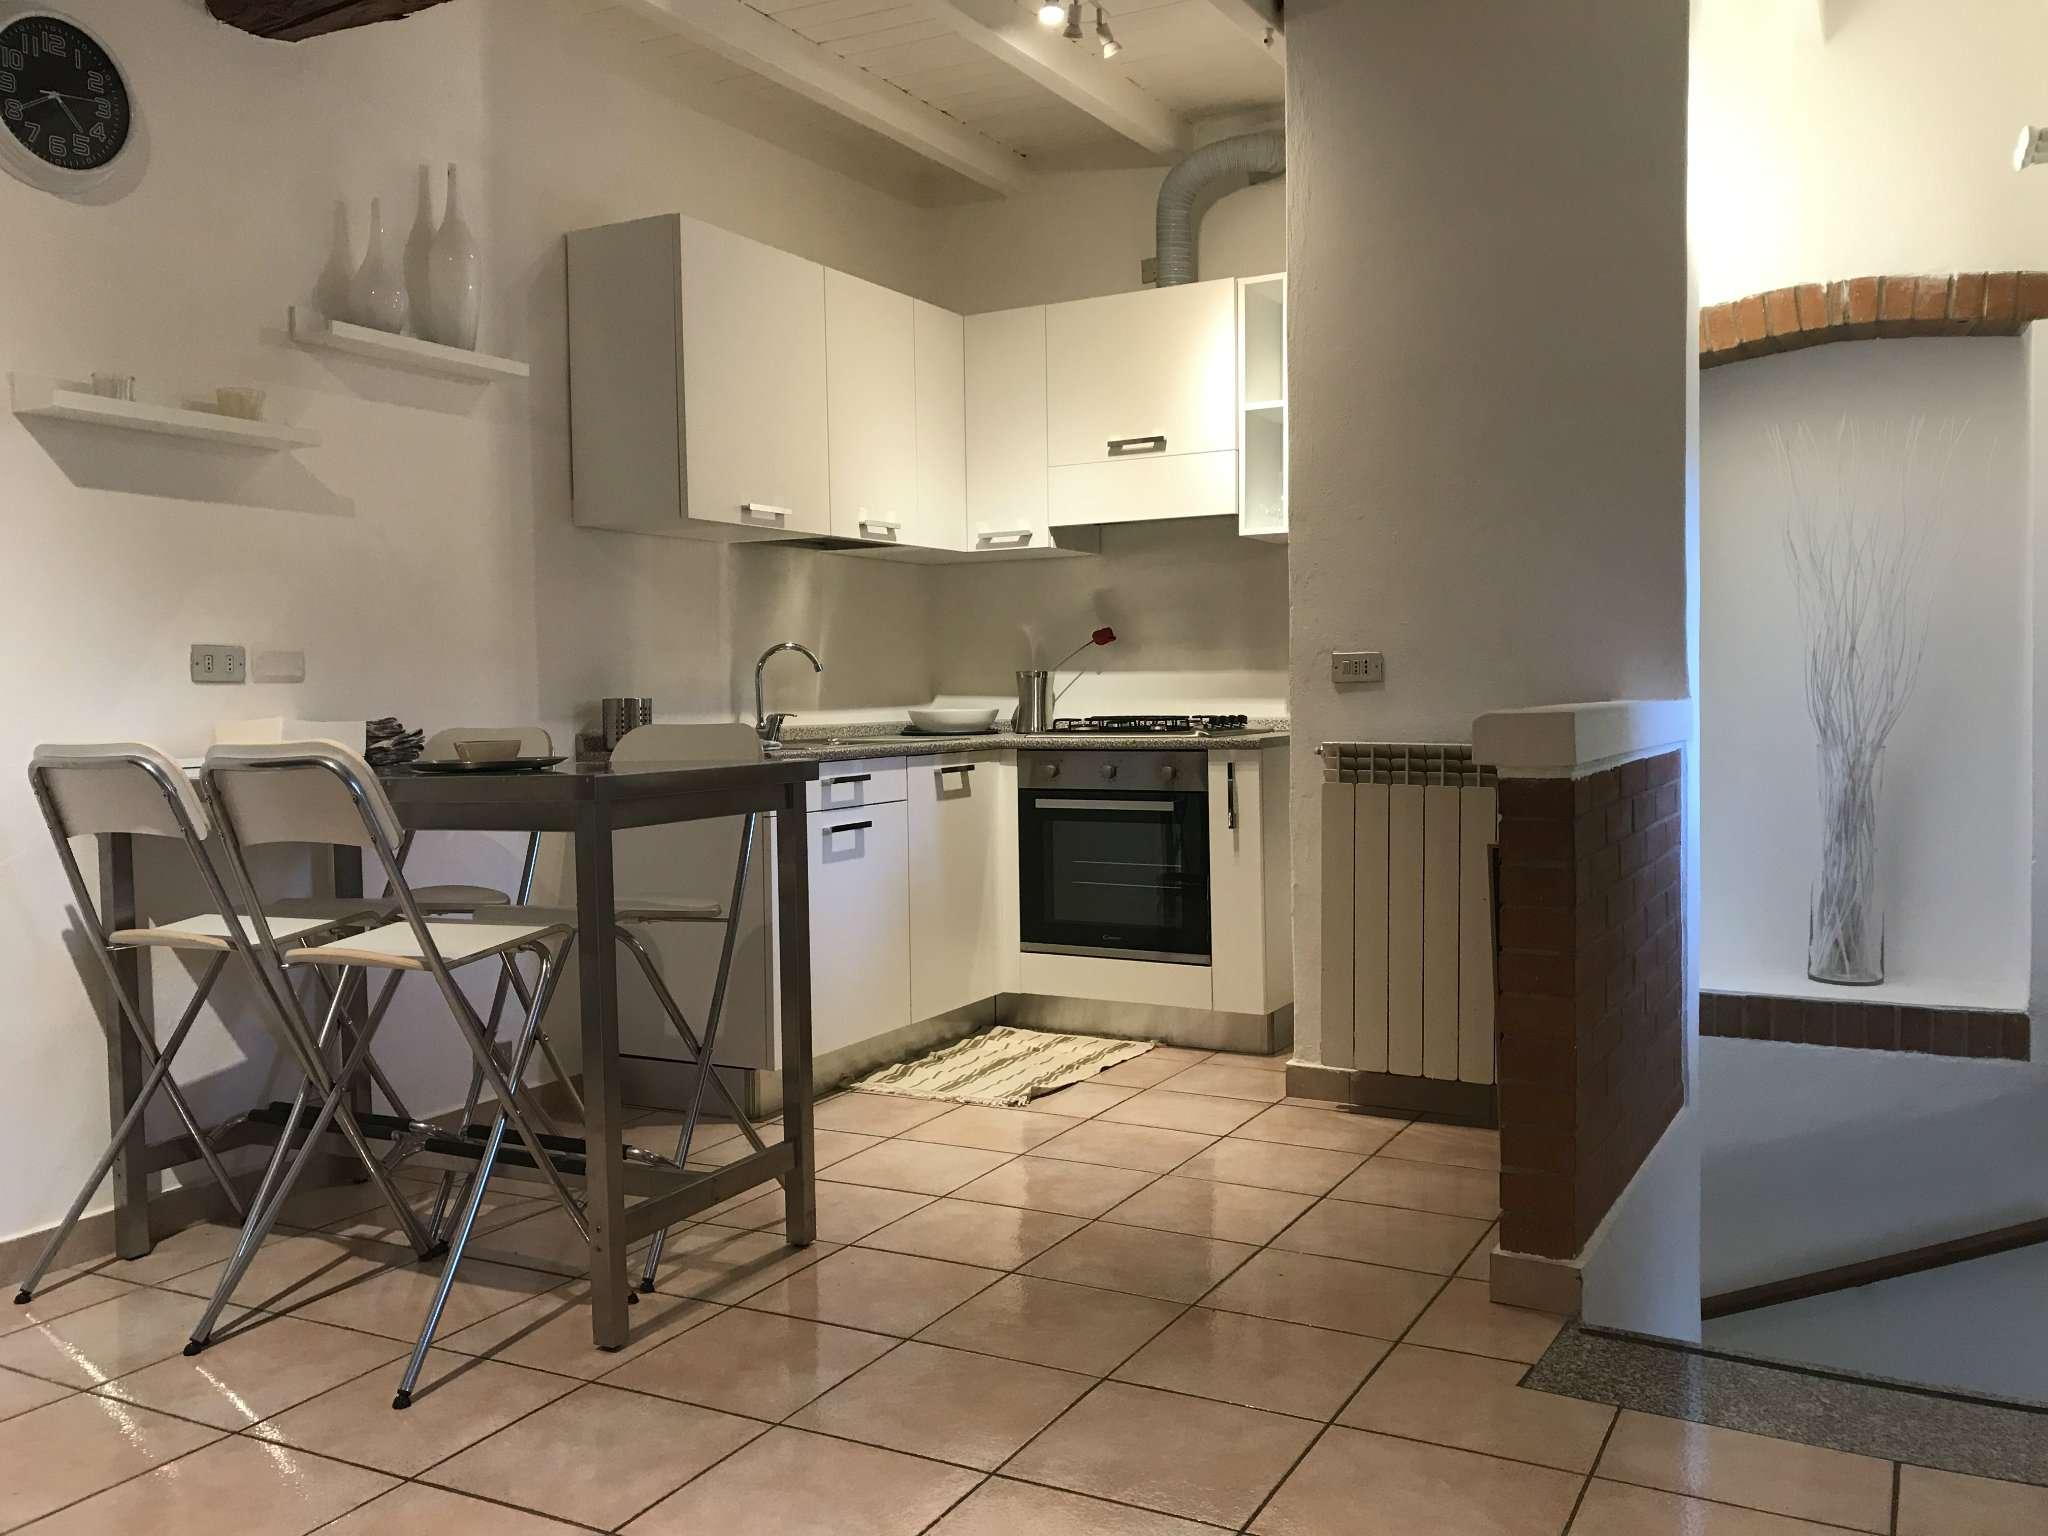 Appartamento in affitto a Gessate, 2 locali, prezzo € 600 | CambioCasa.it